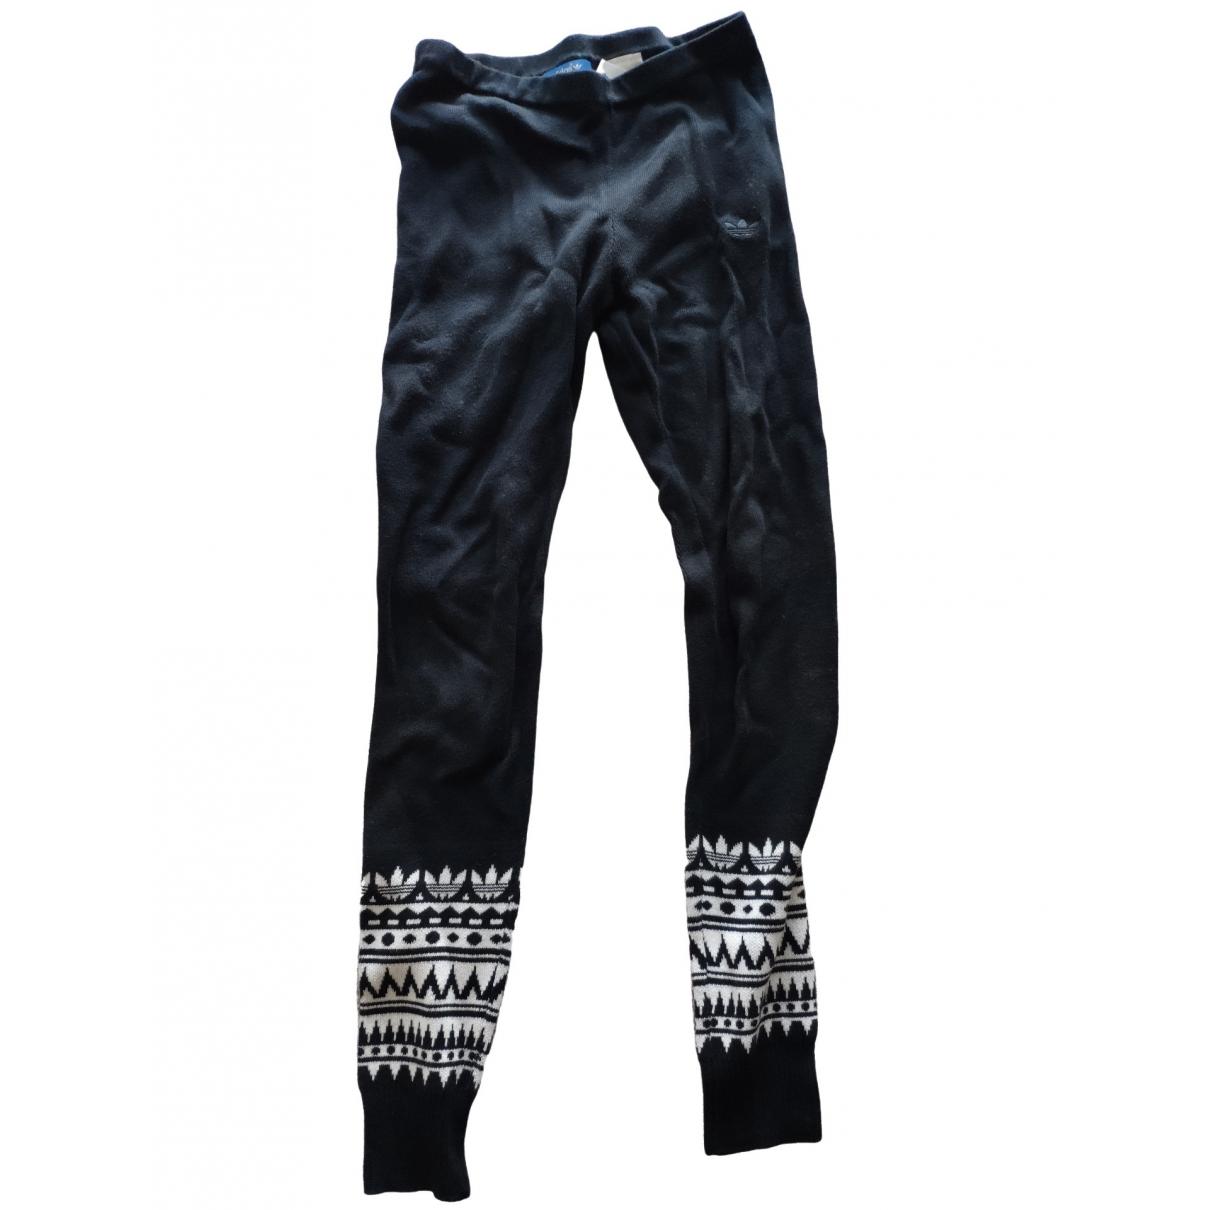 Pantalon en Sintetico Negro Adidas